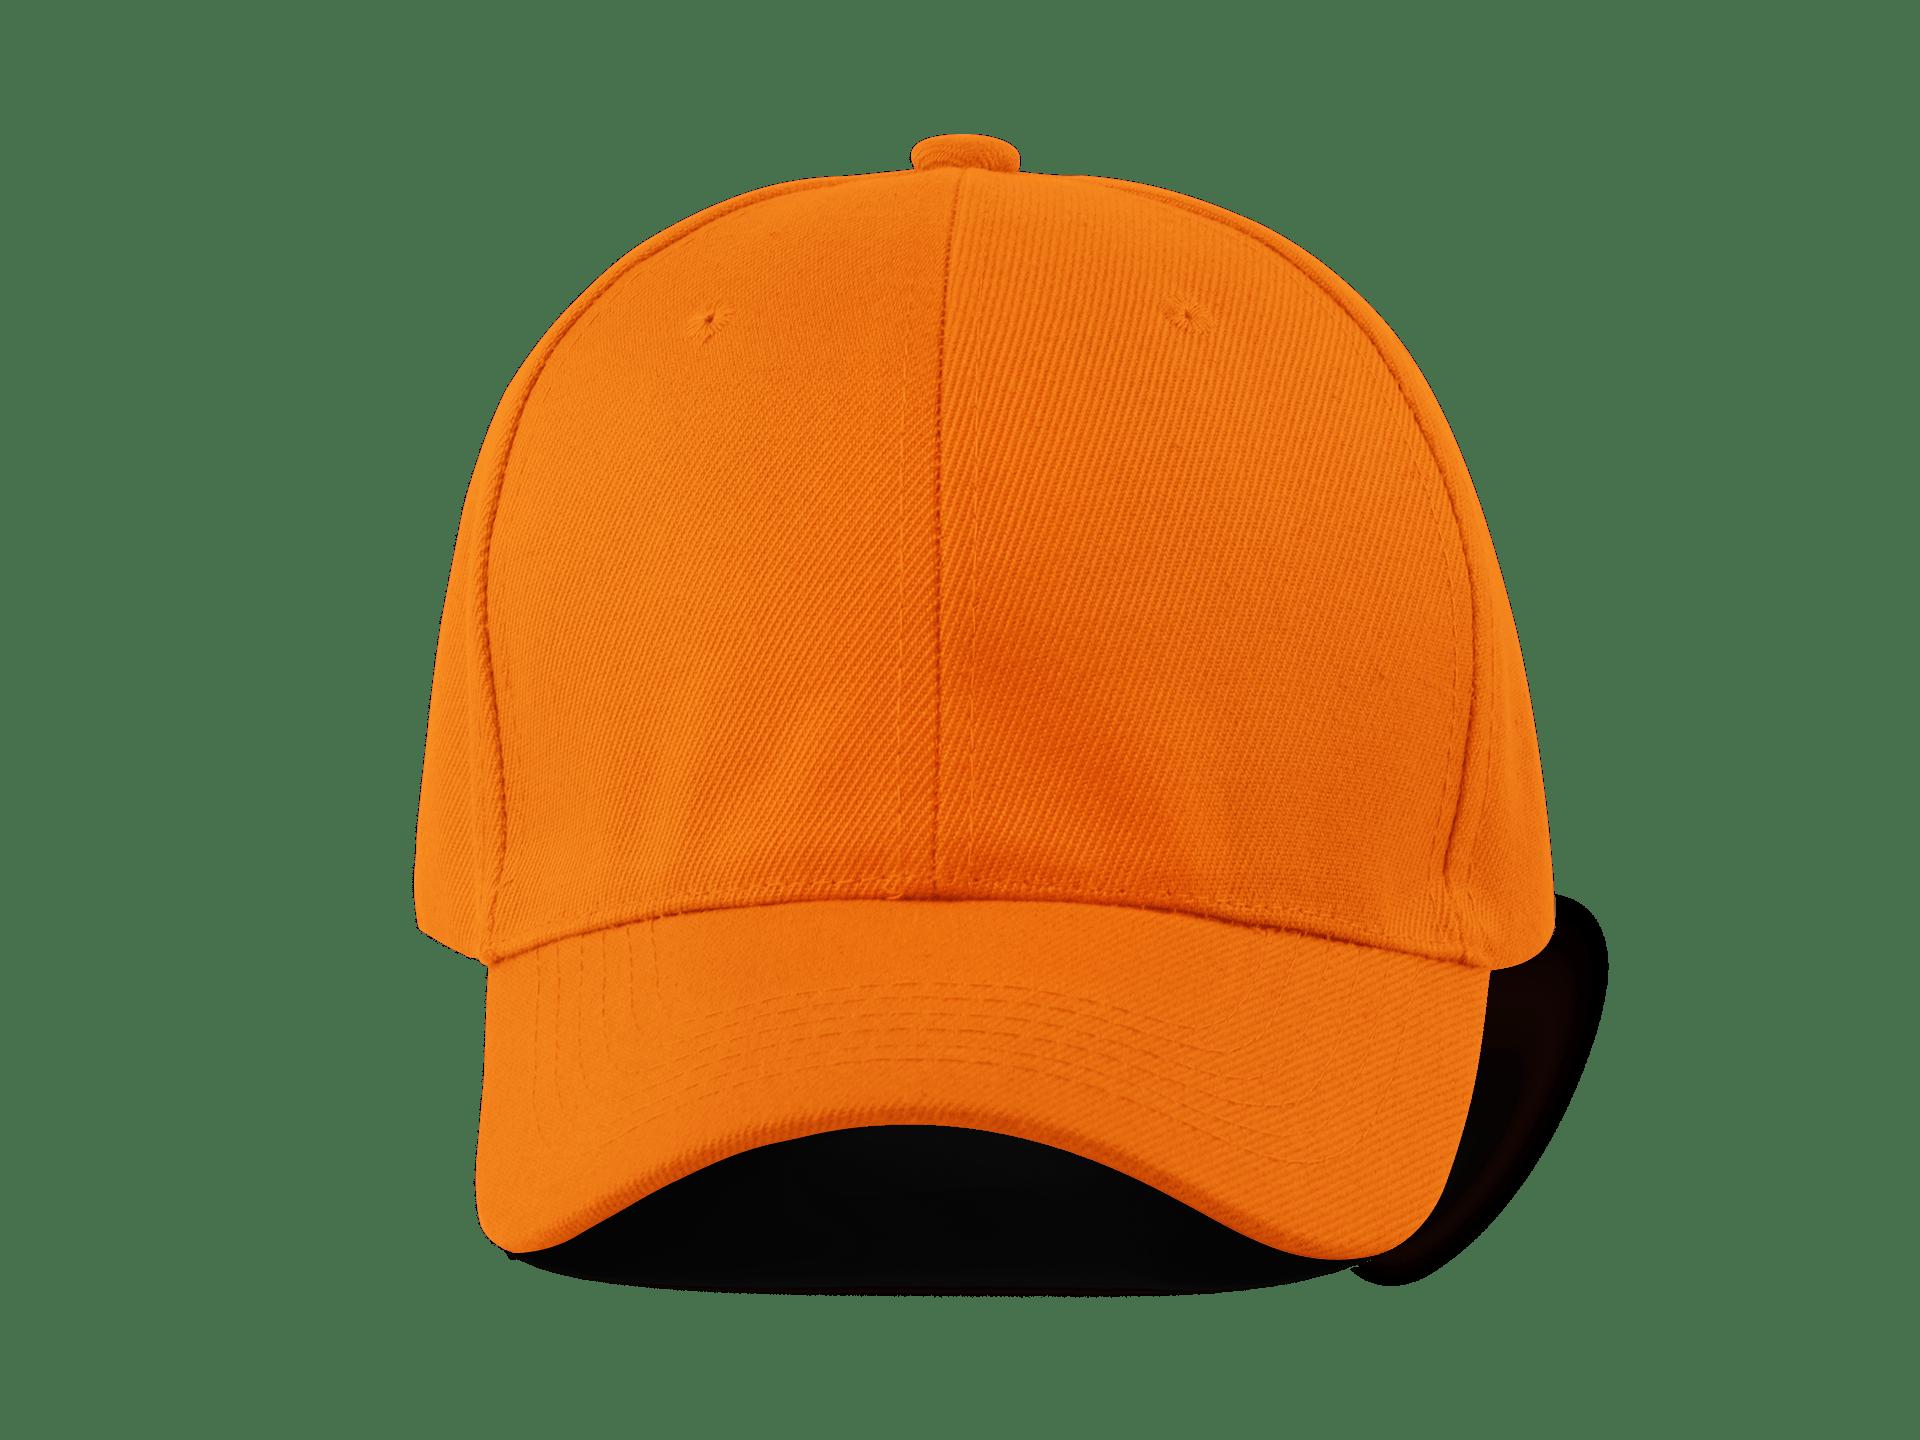 cap-orange-color